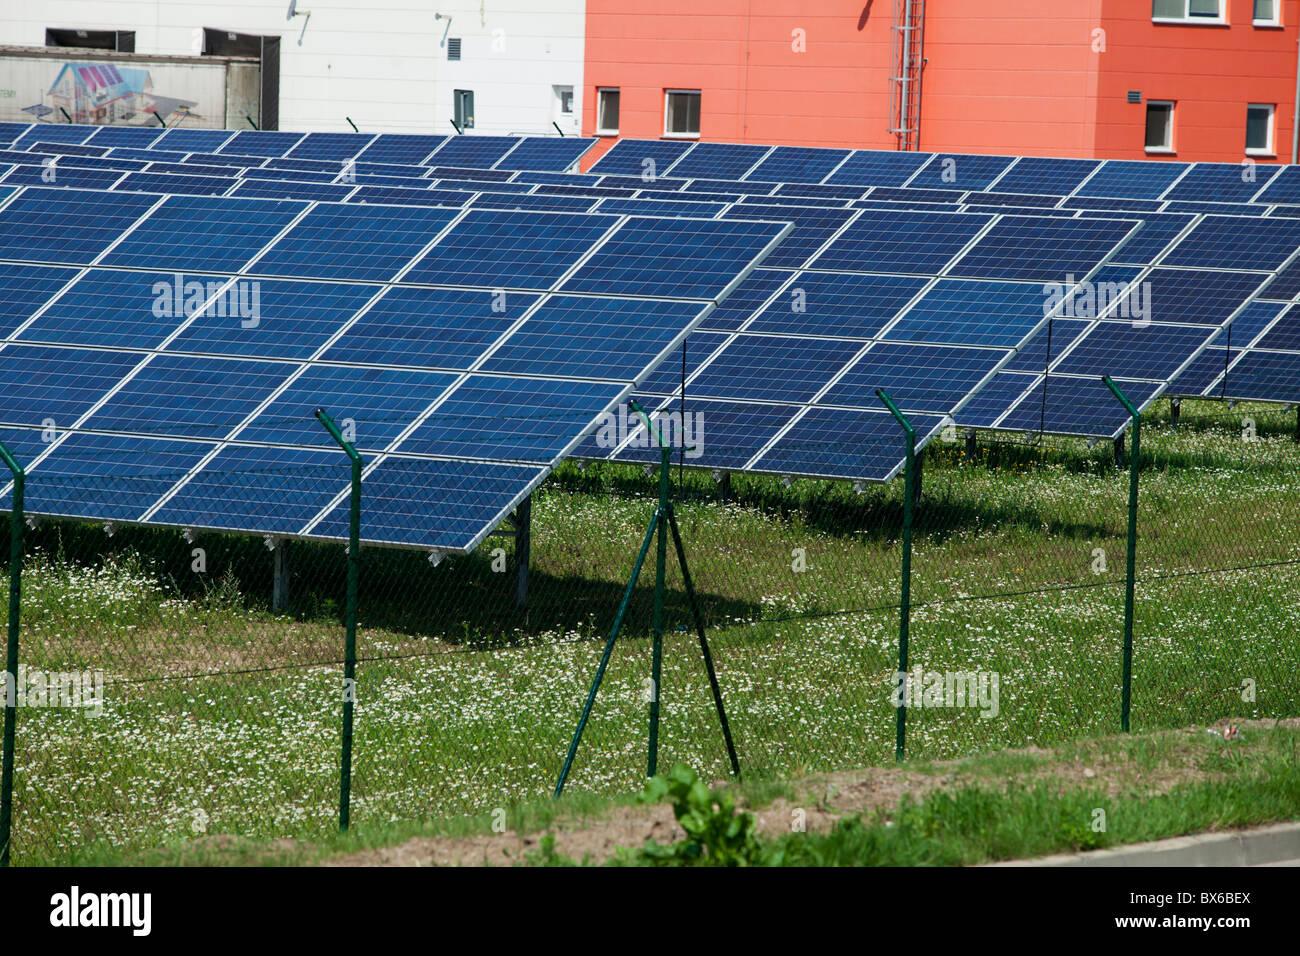 Los paneles solares, colectores solares, energía solar power station en Litovel, República Checa. Imagen De Stock